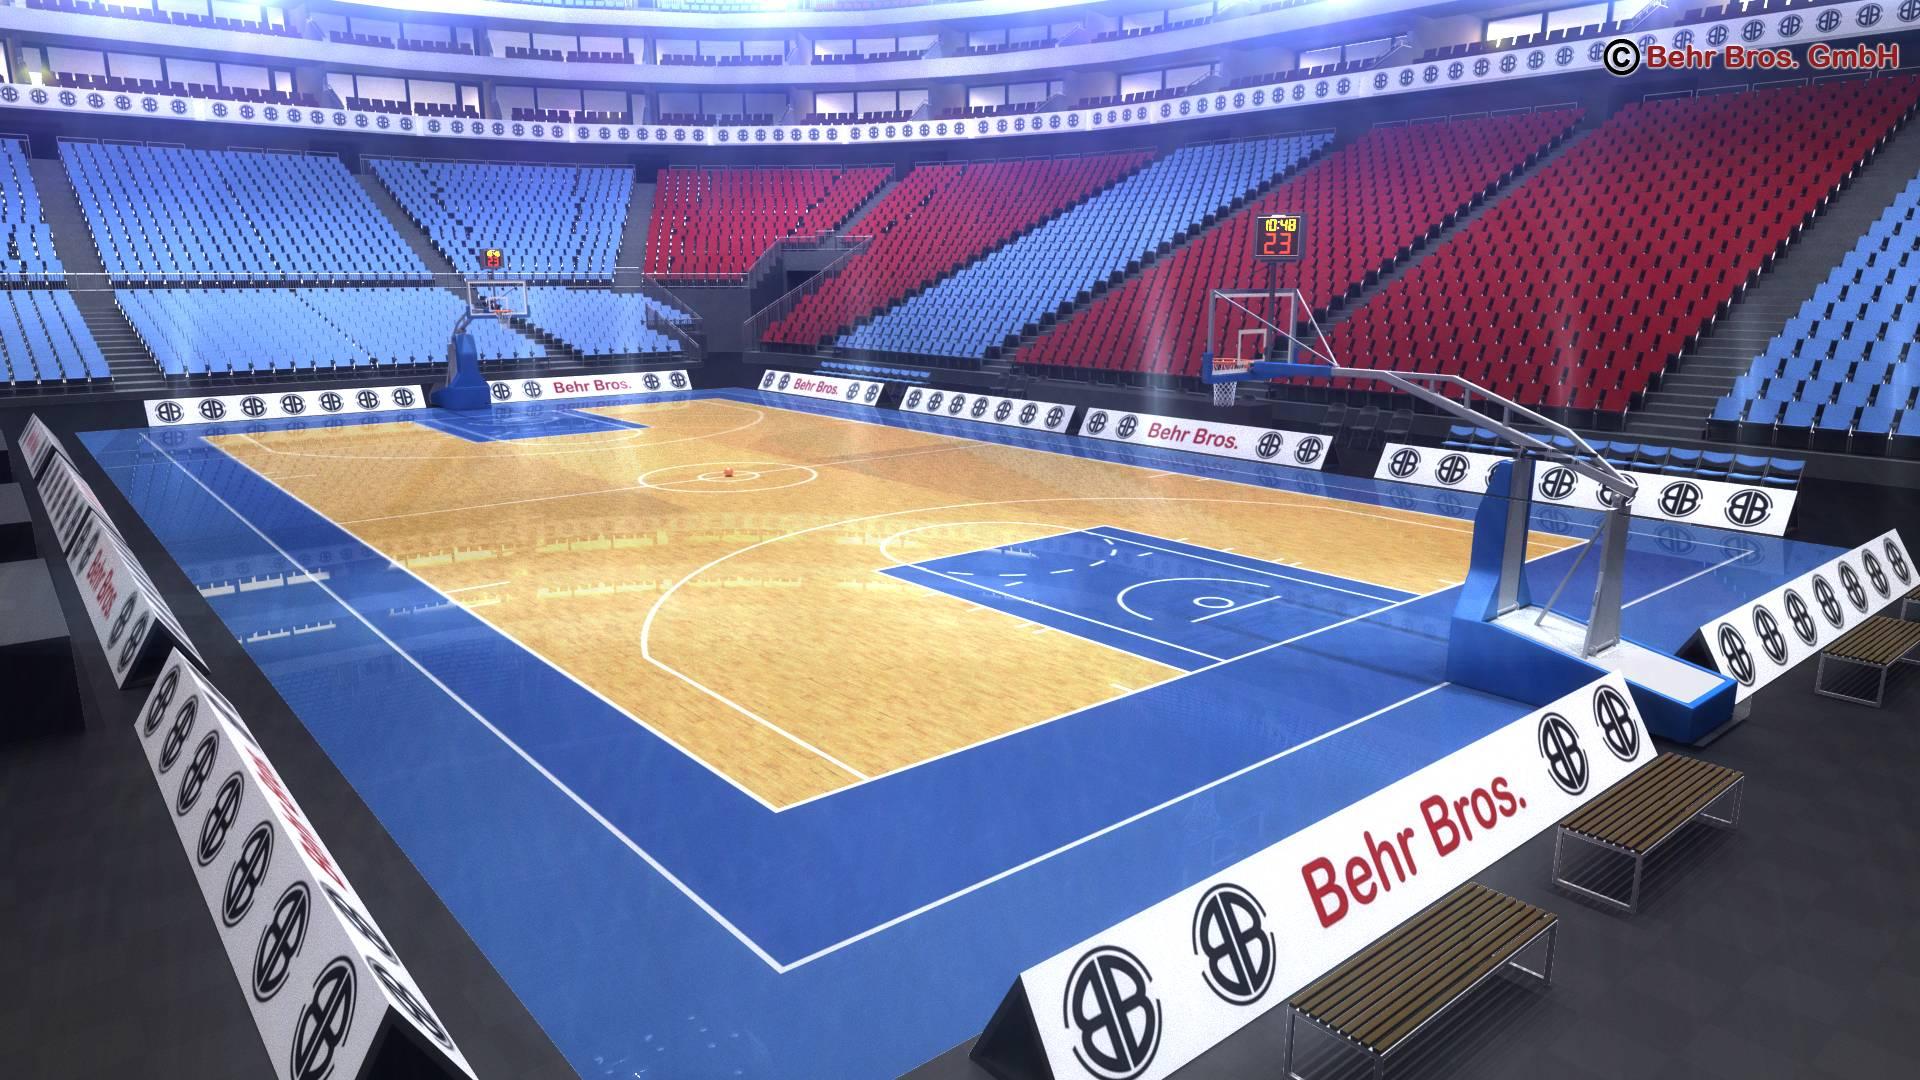 košarkaška arena v2 3d model 3ds max fbx c4d lwo ma mb obj 222365